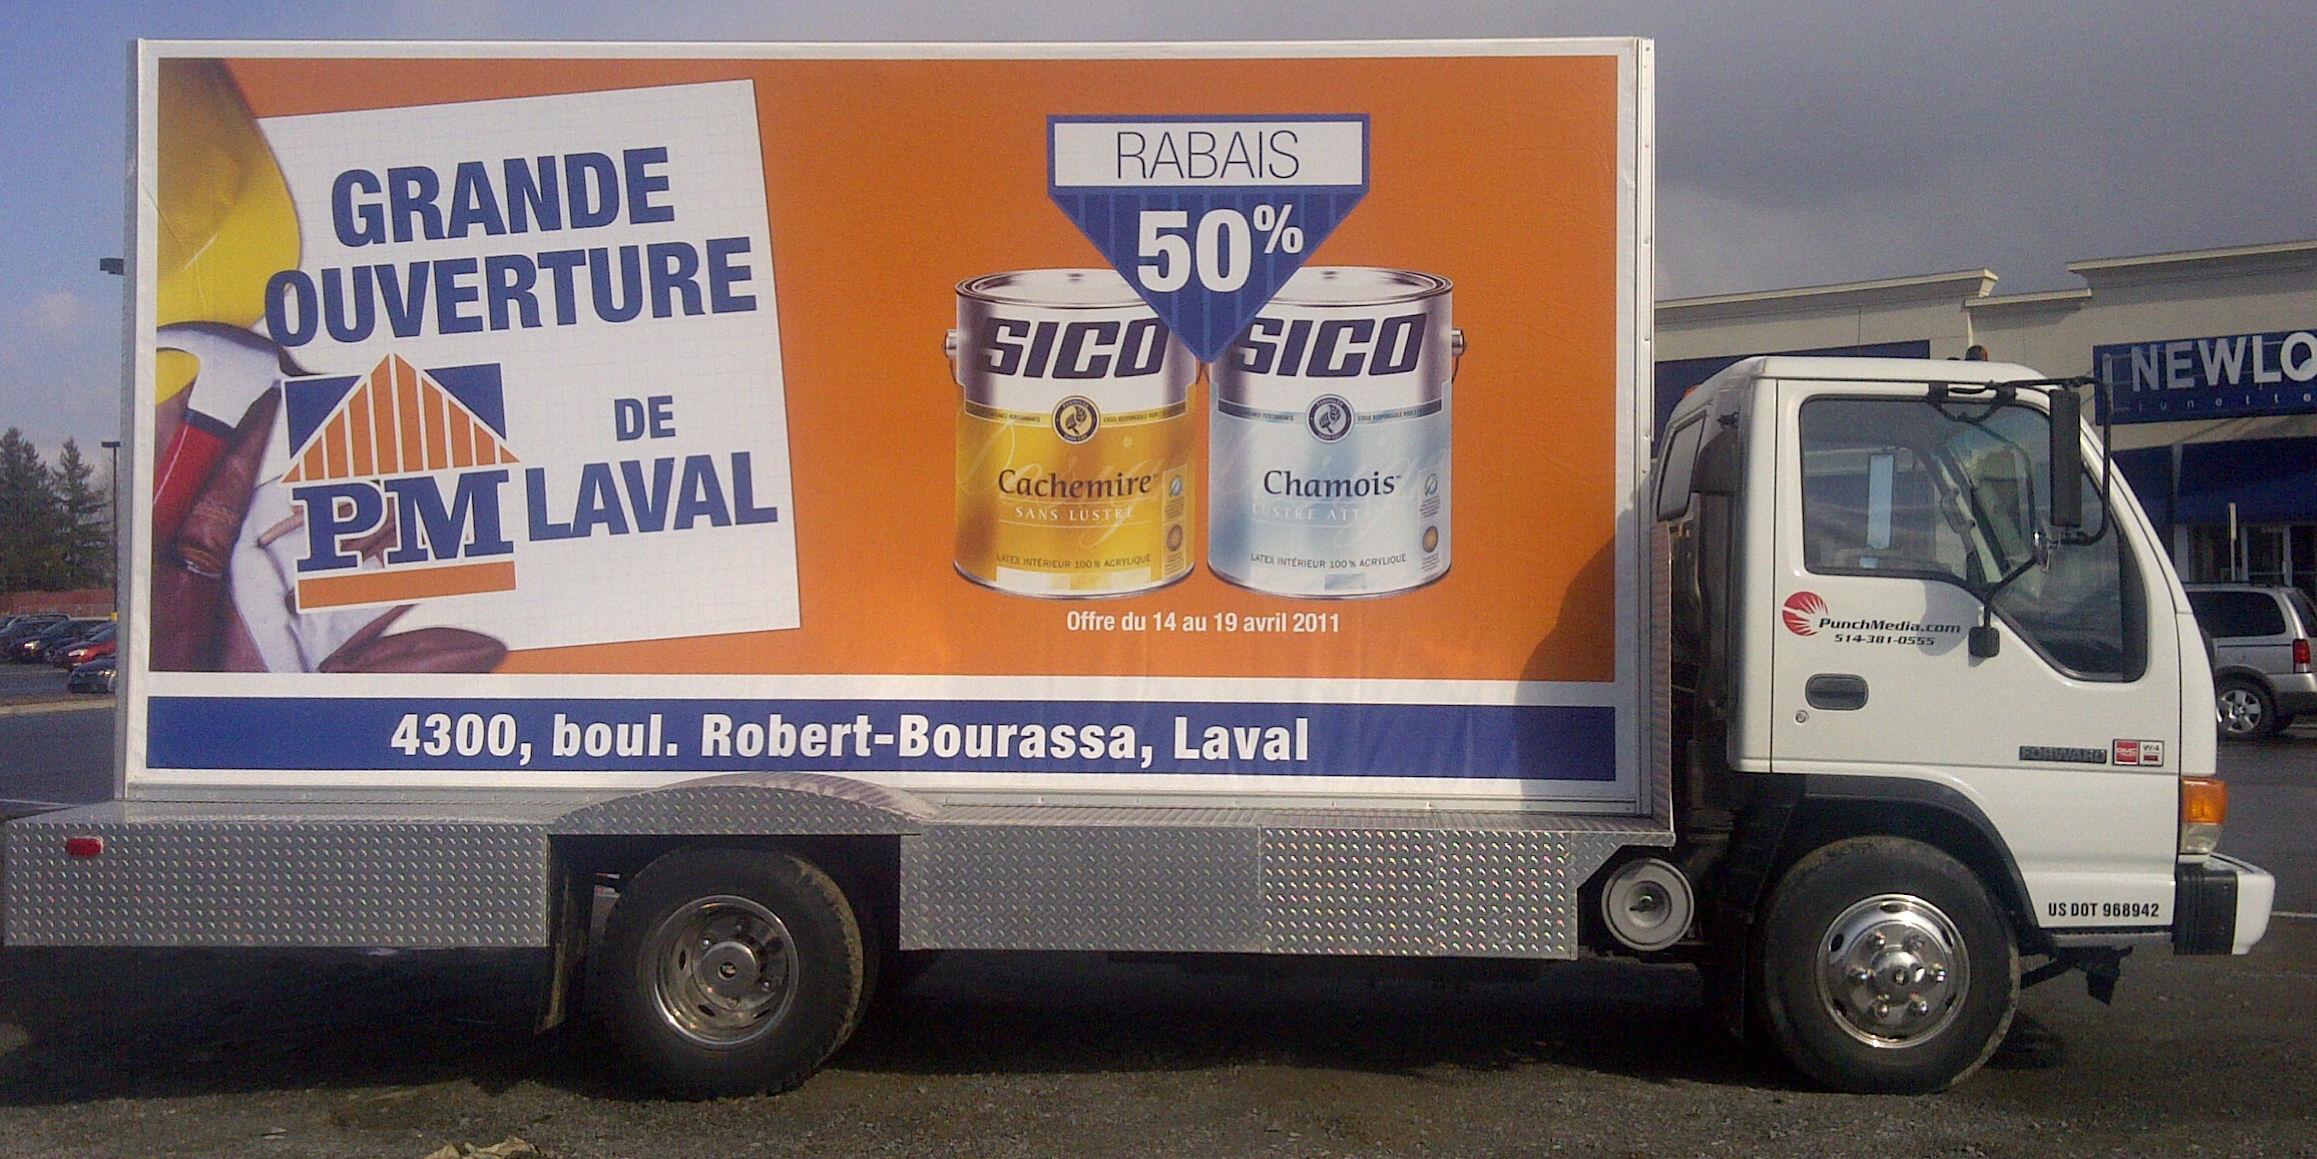 Camion publicitaire et v hicule promotionel punchmedia for Commerce exterieur belgique